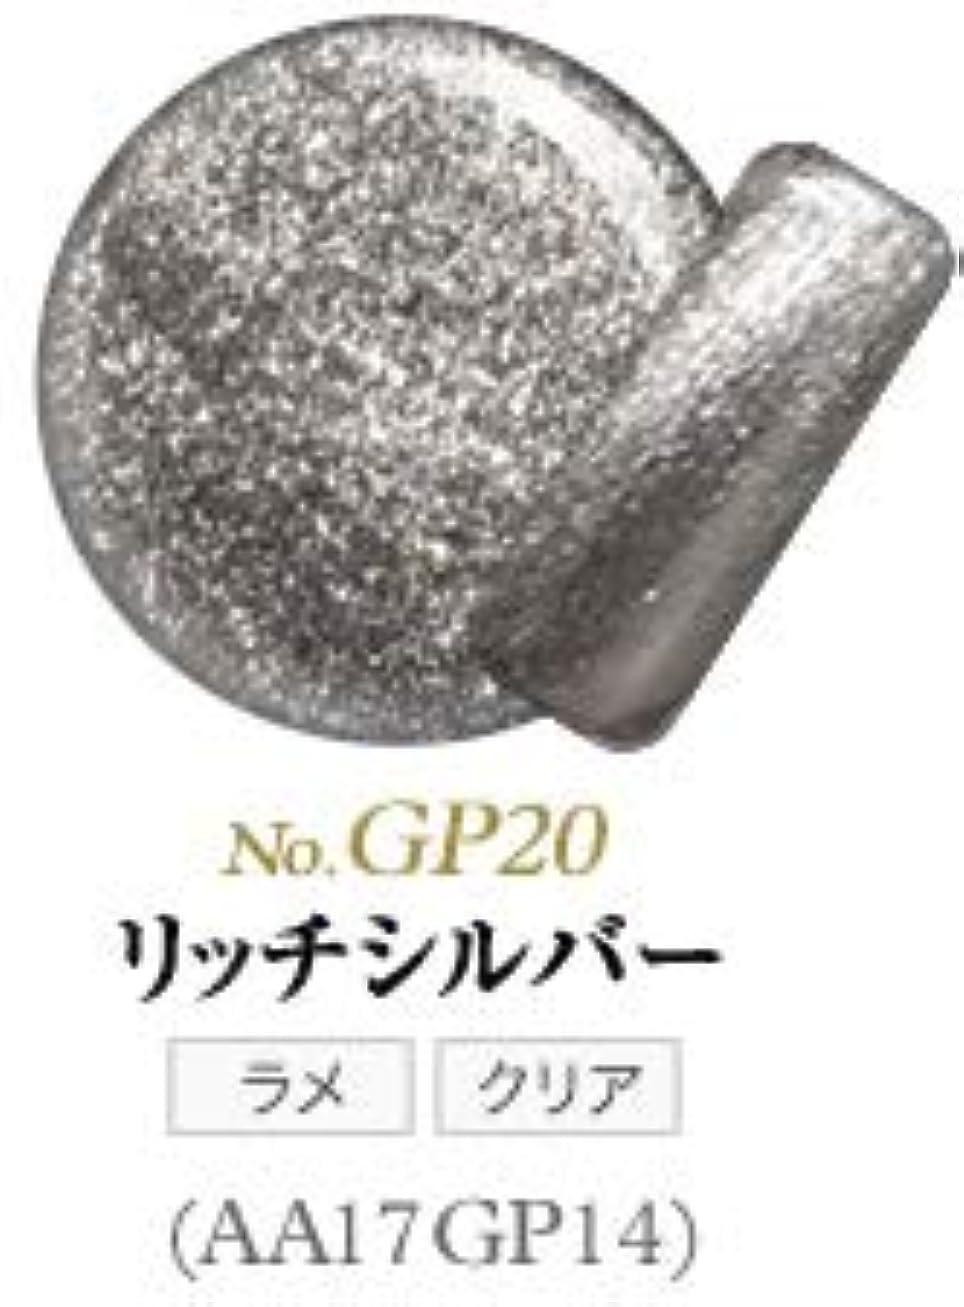 敵反射毛布サンディング不要 ふき取り不要 リムーバー不要 オフはペロンと剥がすだけ 未経験者向けのオールインワンジェル シンデレラピールオフジェル (GP20 リッチシルバー)